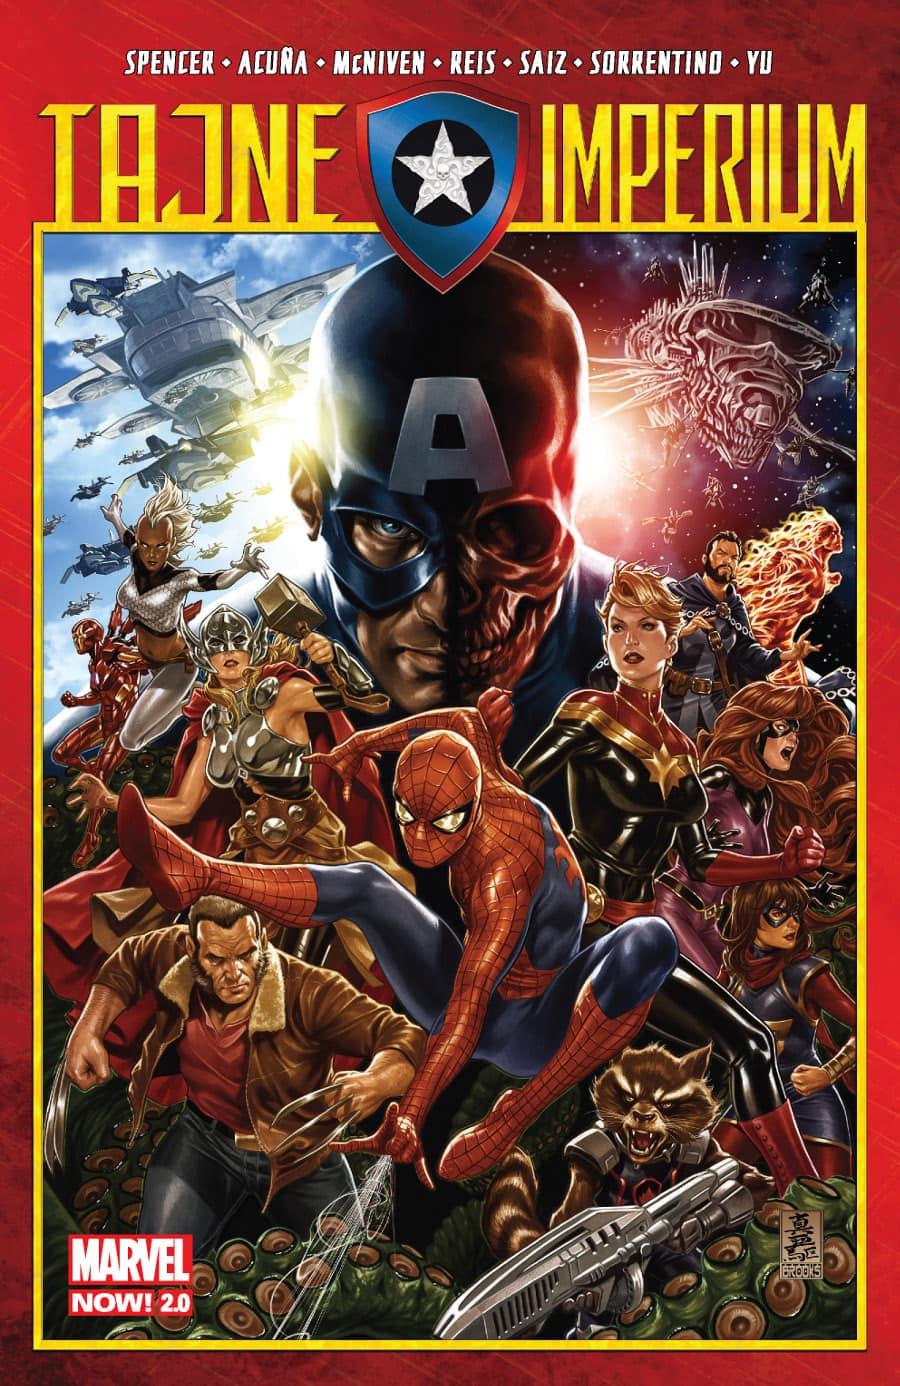 Marvel Now 2.0. Tajne imperium